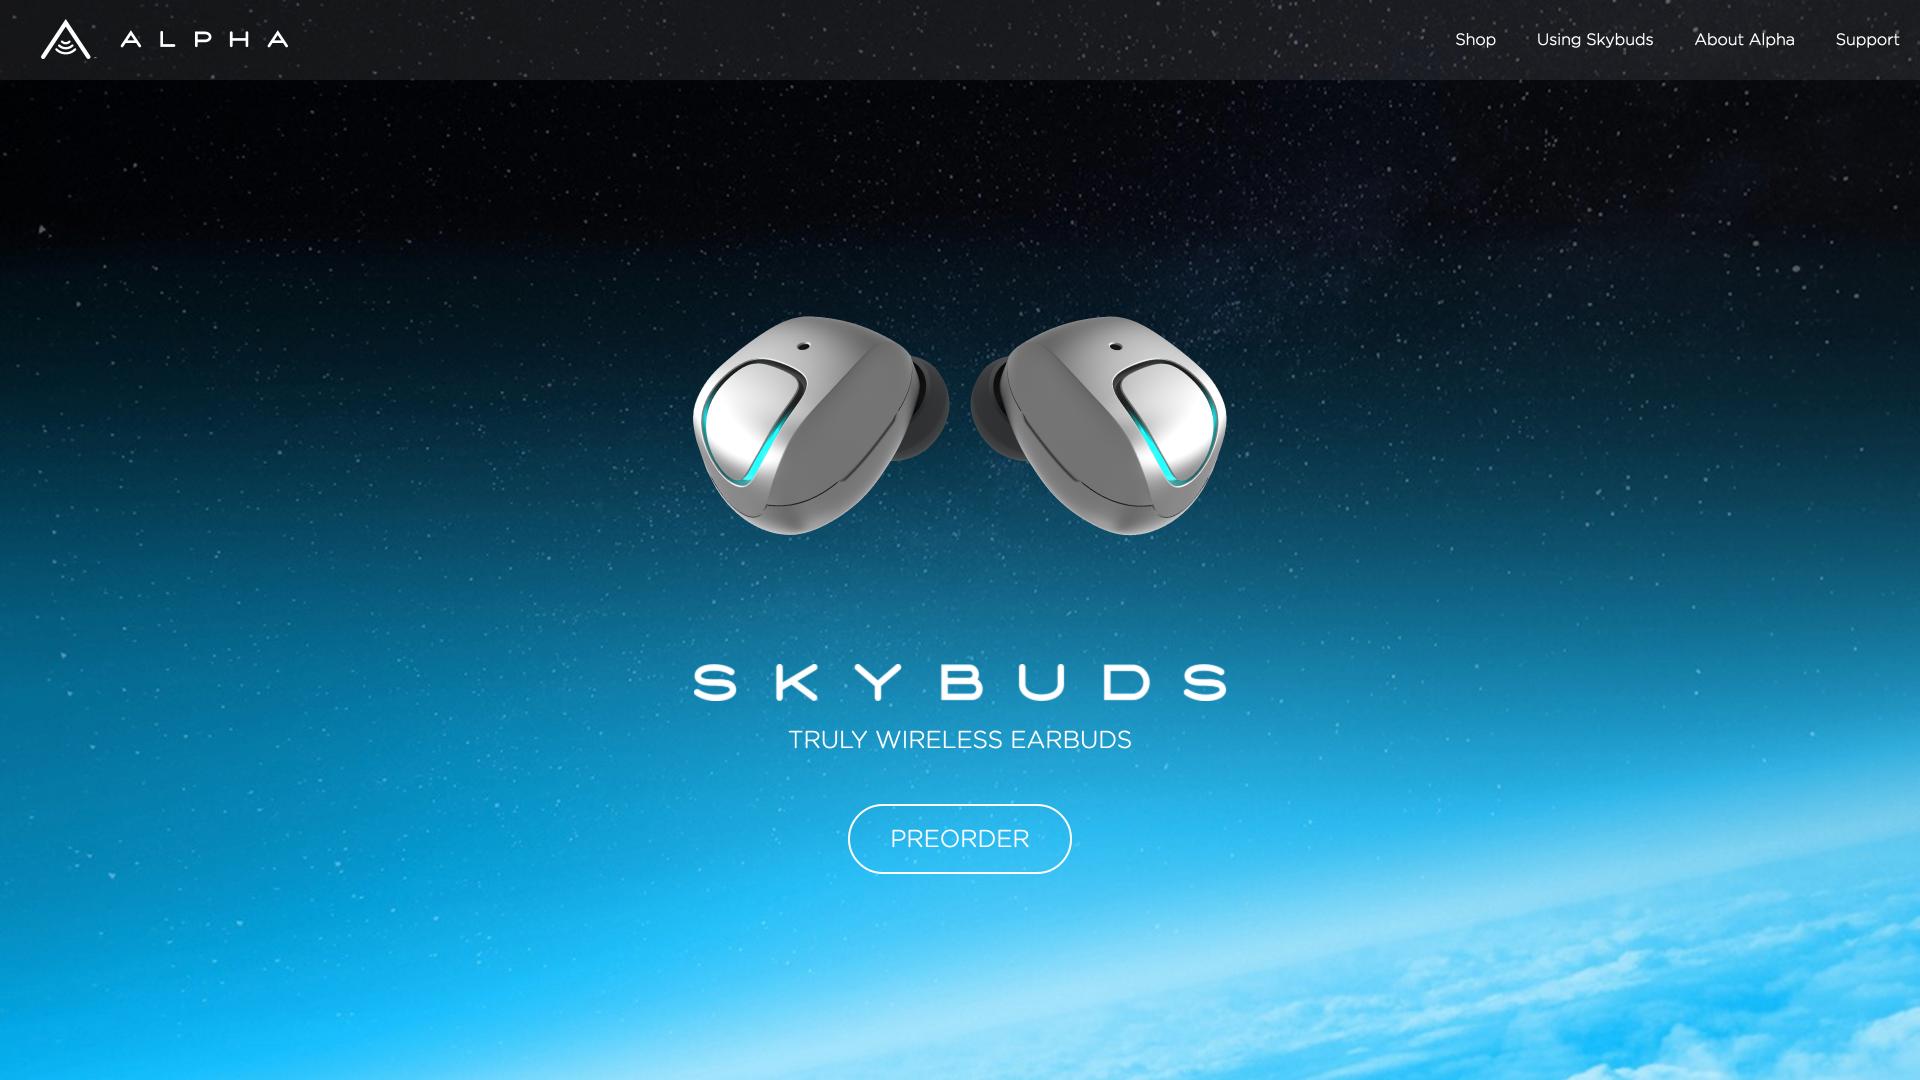 SkyBuds Website Design Preview